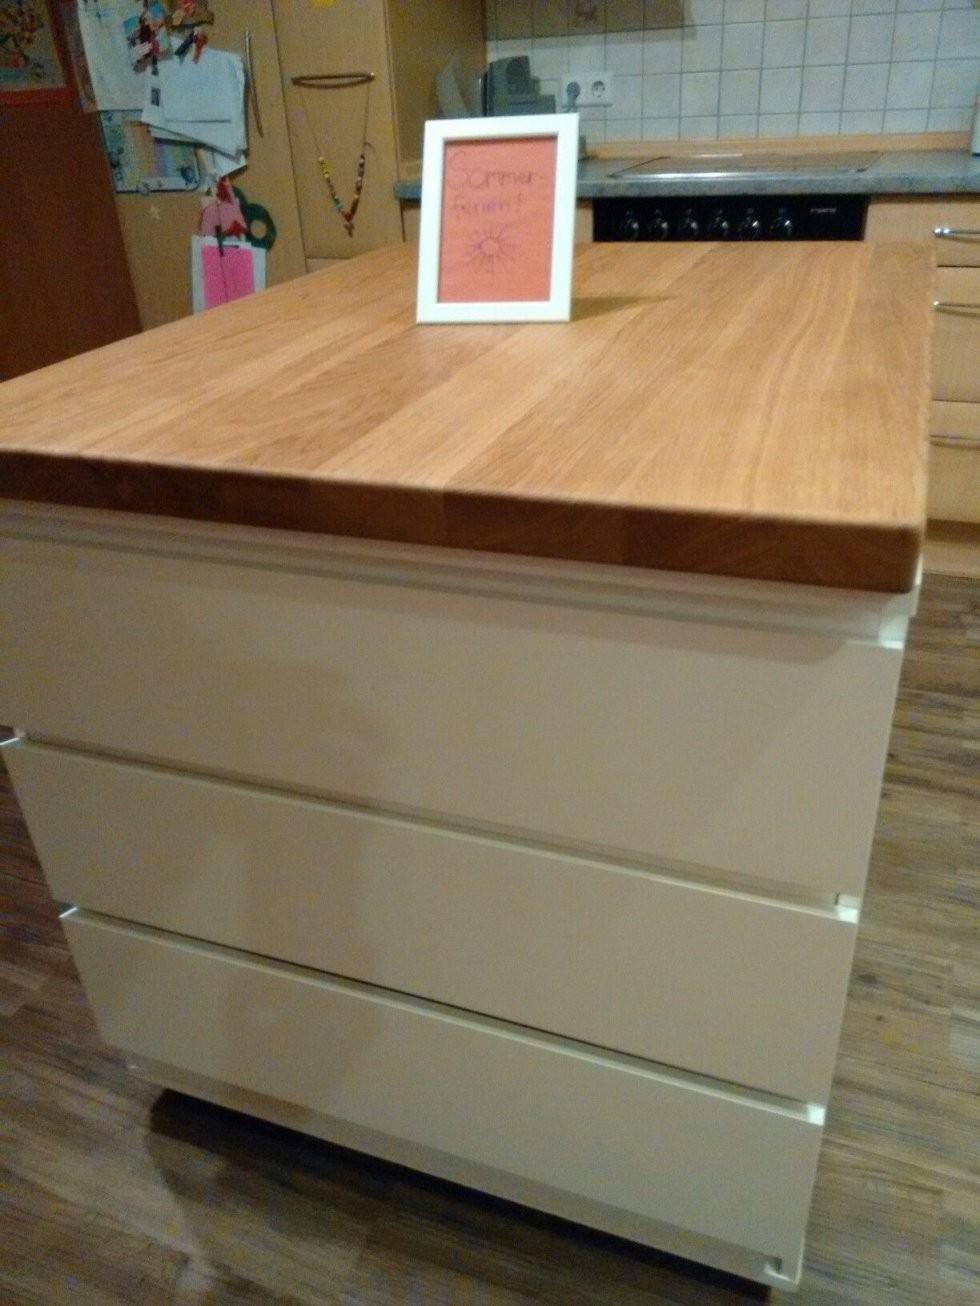 Pin Von Na Auf Ikea Hacks  Kücheninsel Küche Mit Insel Und Küche von Theke Selber Bauen Ikea Bild